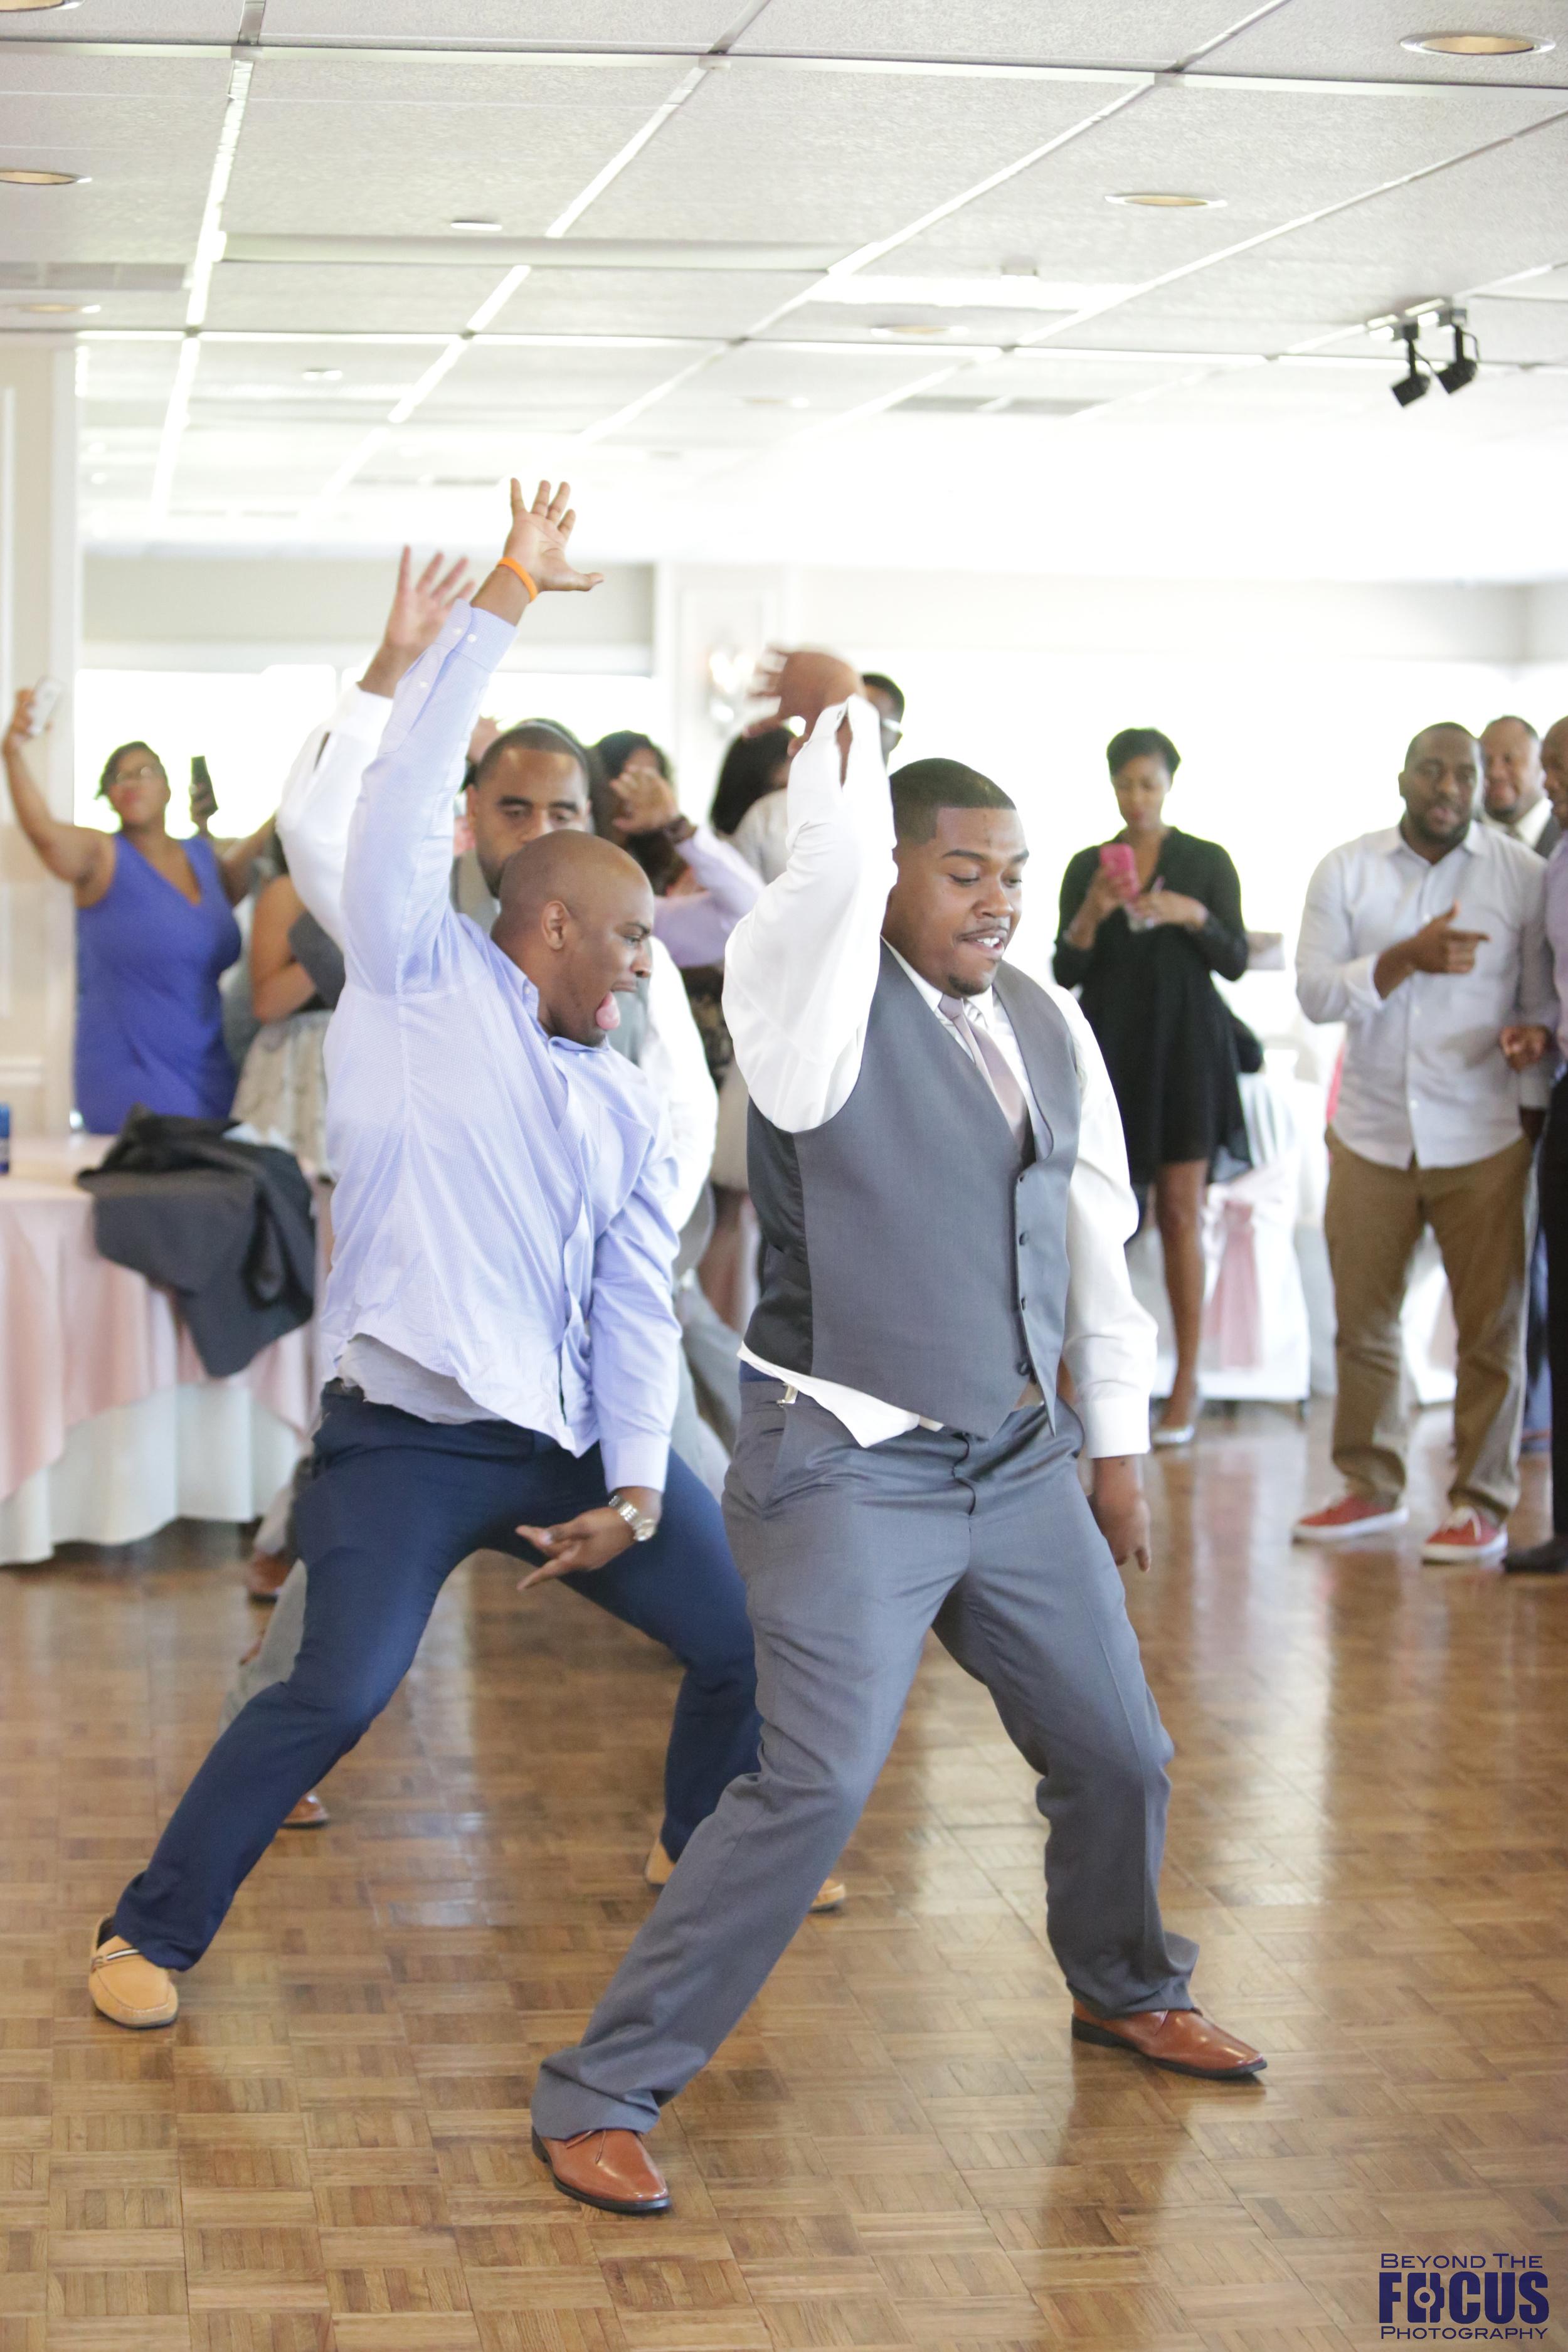 Palmer Wedding - Reception 214.jpg